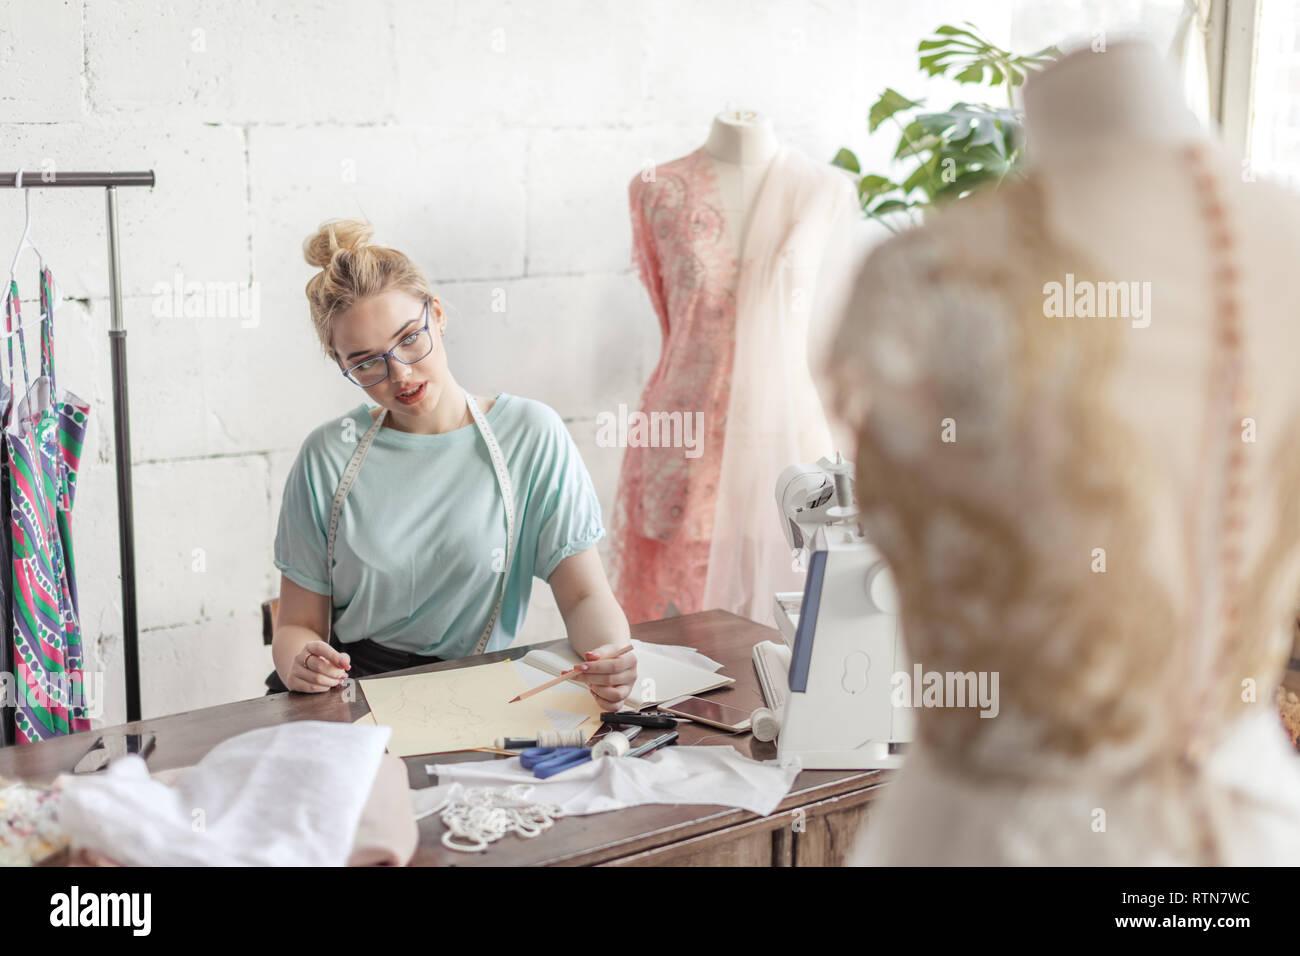 Créateur de mode sur mesure Belle de mesure se situe à dessin en milieu de travail ou de mettre par écrit les résultats après la mesure. Son studio est ensoleillée, pleine de colorf Banque D'Images